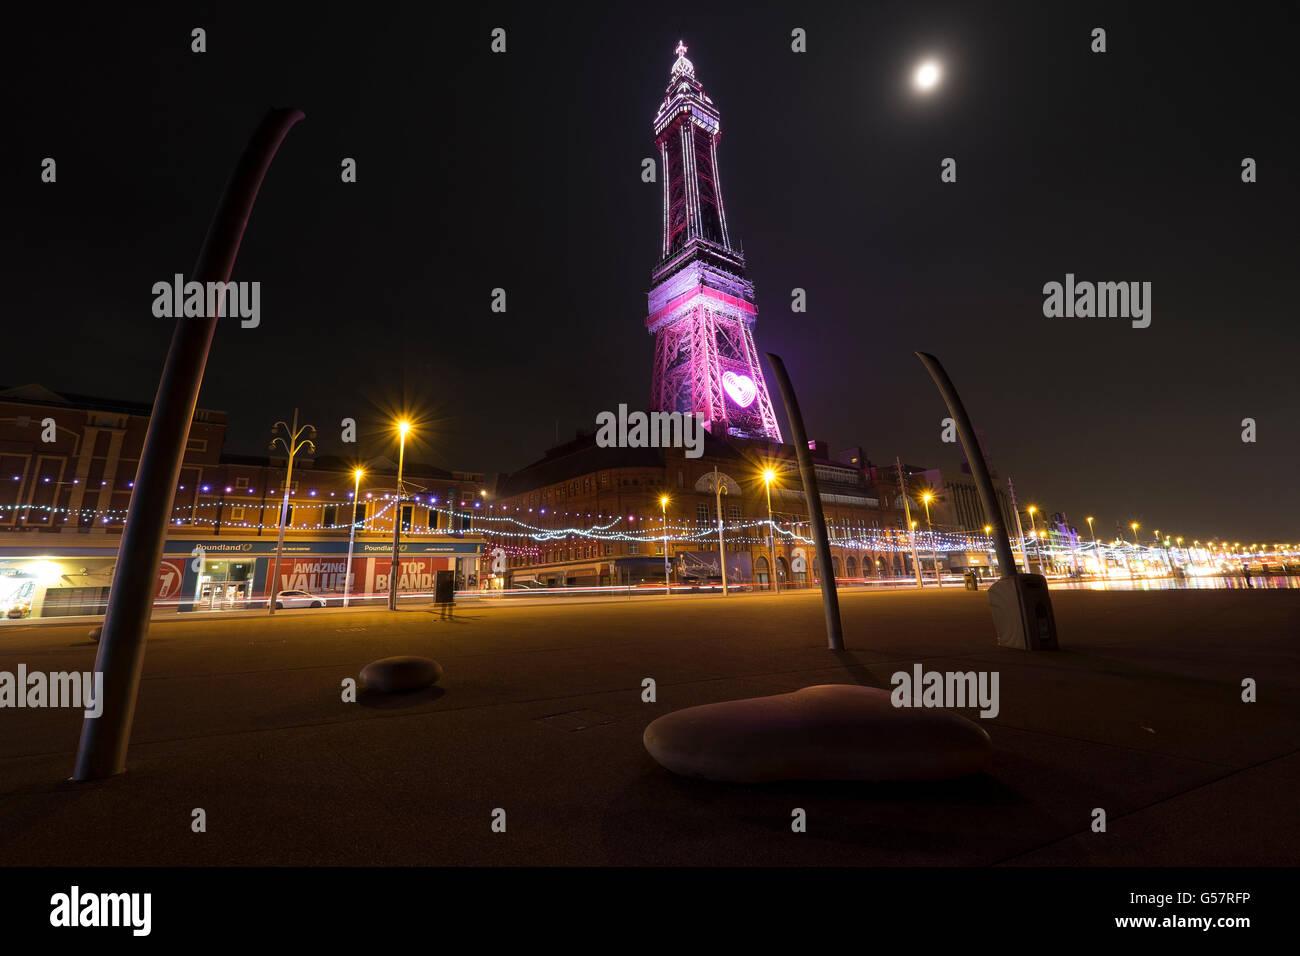 La tour de Blackpool est éclairée la nuit en rose Photo Stock